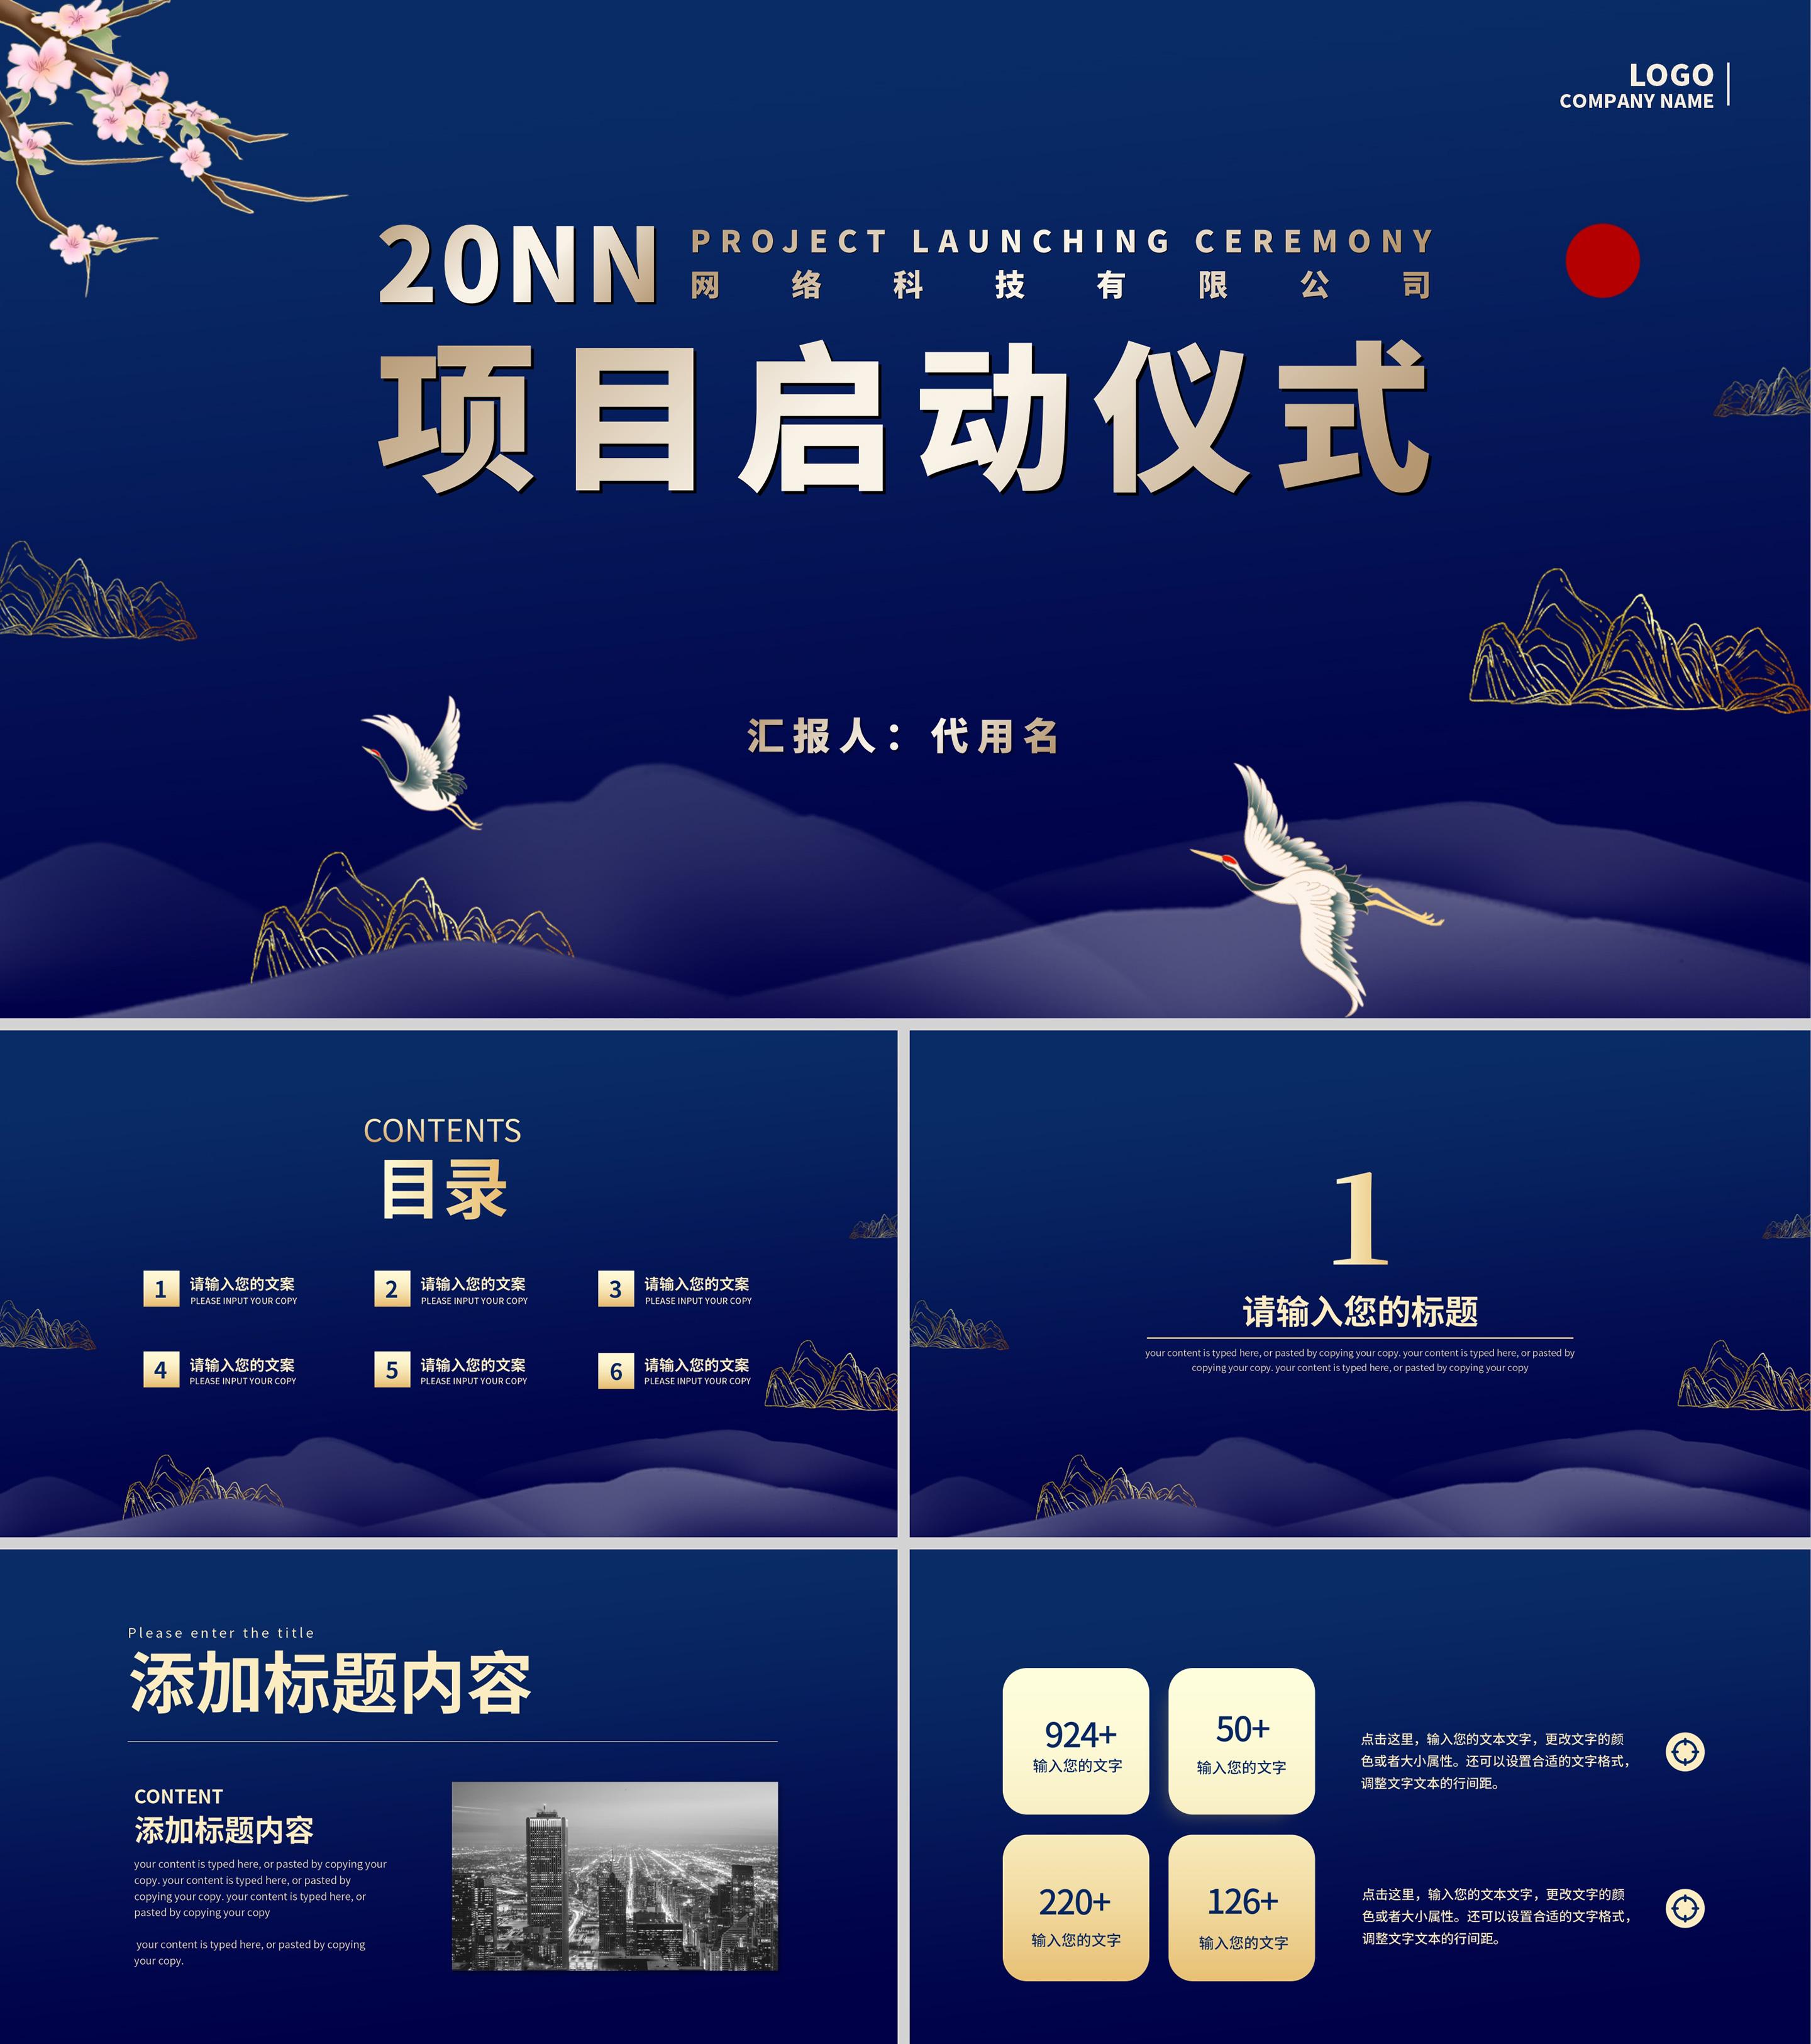 蓝色中国风项目启动仪式PPT模板